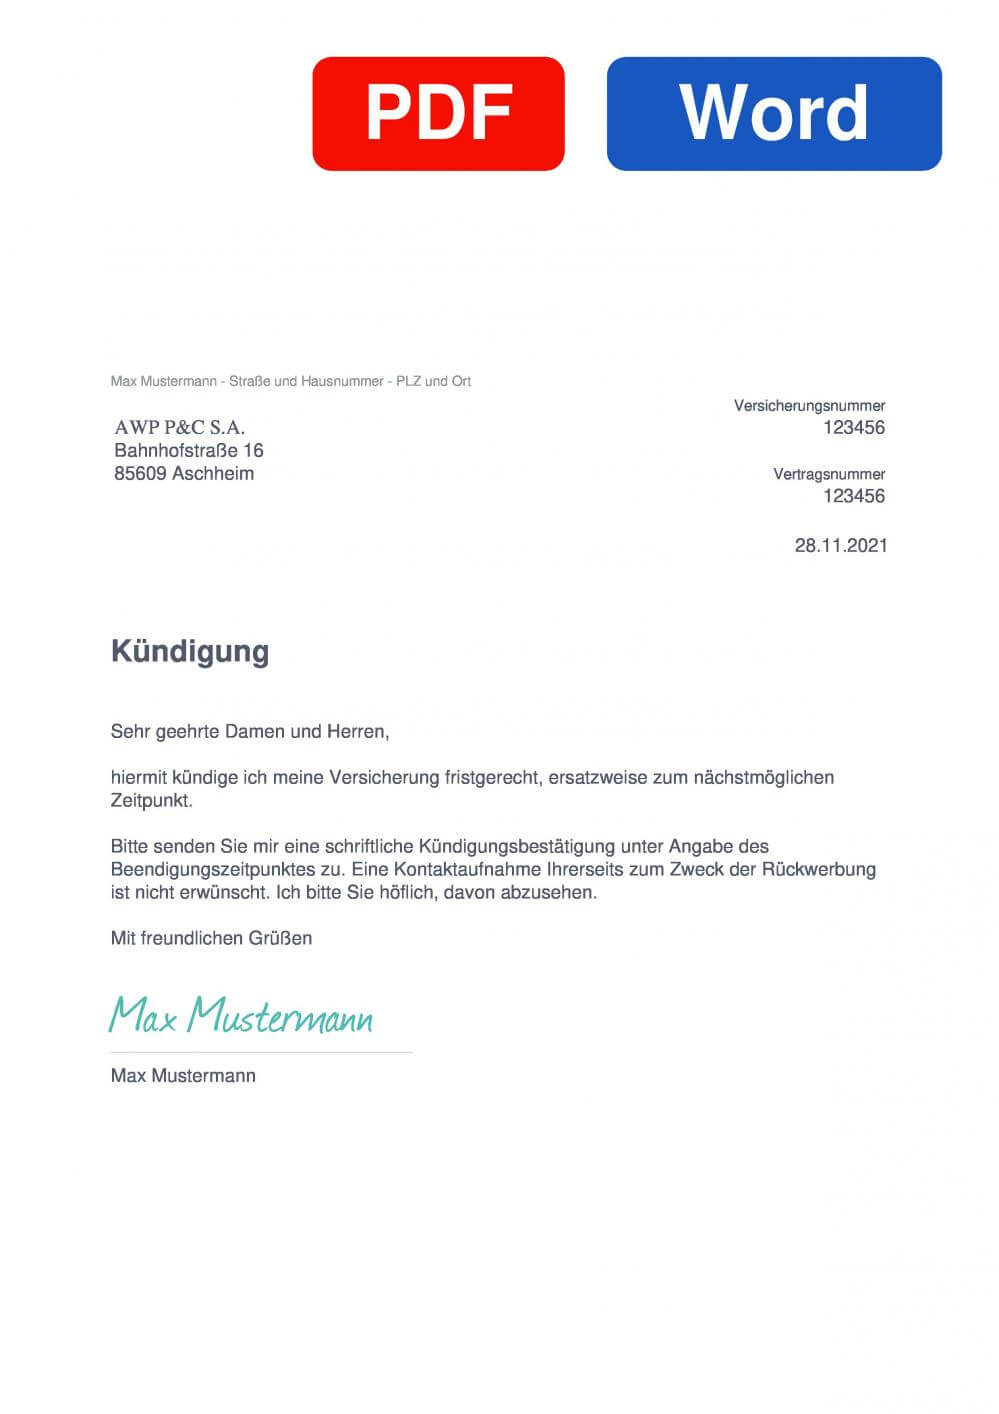 Elvia Reiseversicherung Muster Vorlage für Kündigungsschreiben